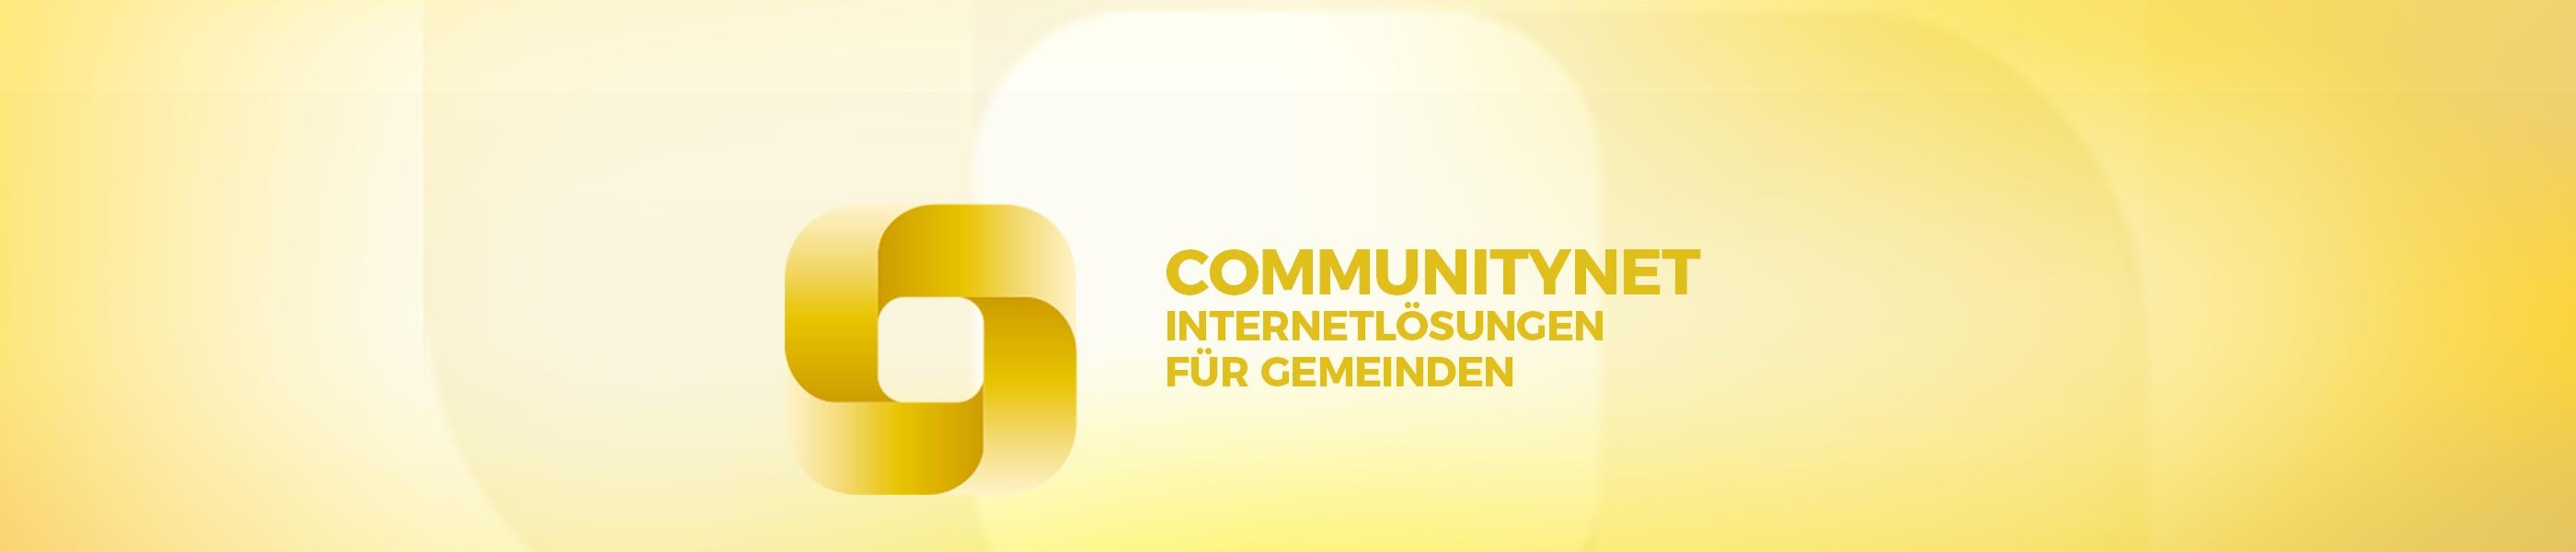 180108_Produkte_communitynet_DE.jpg